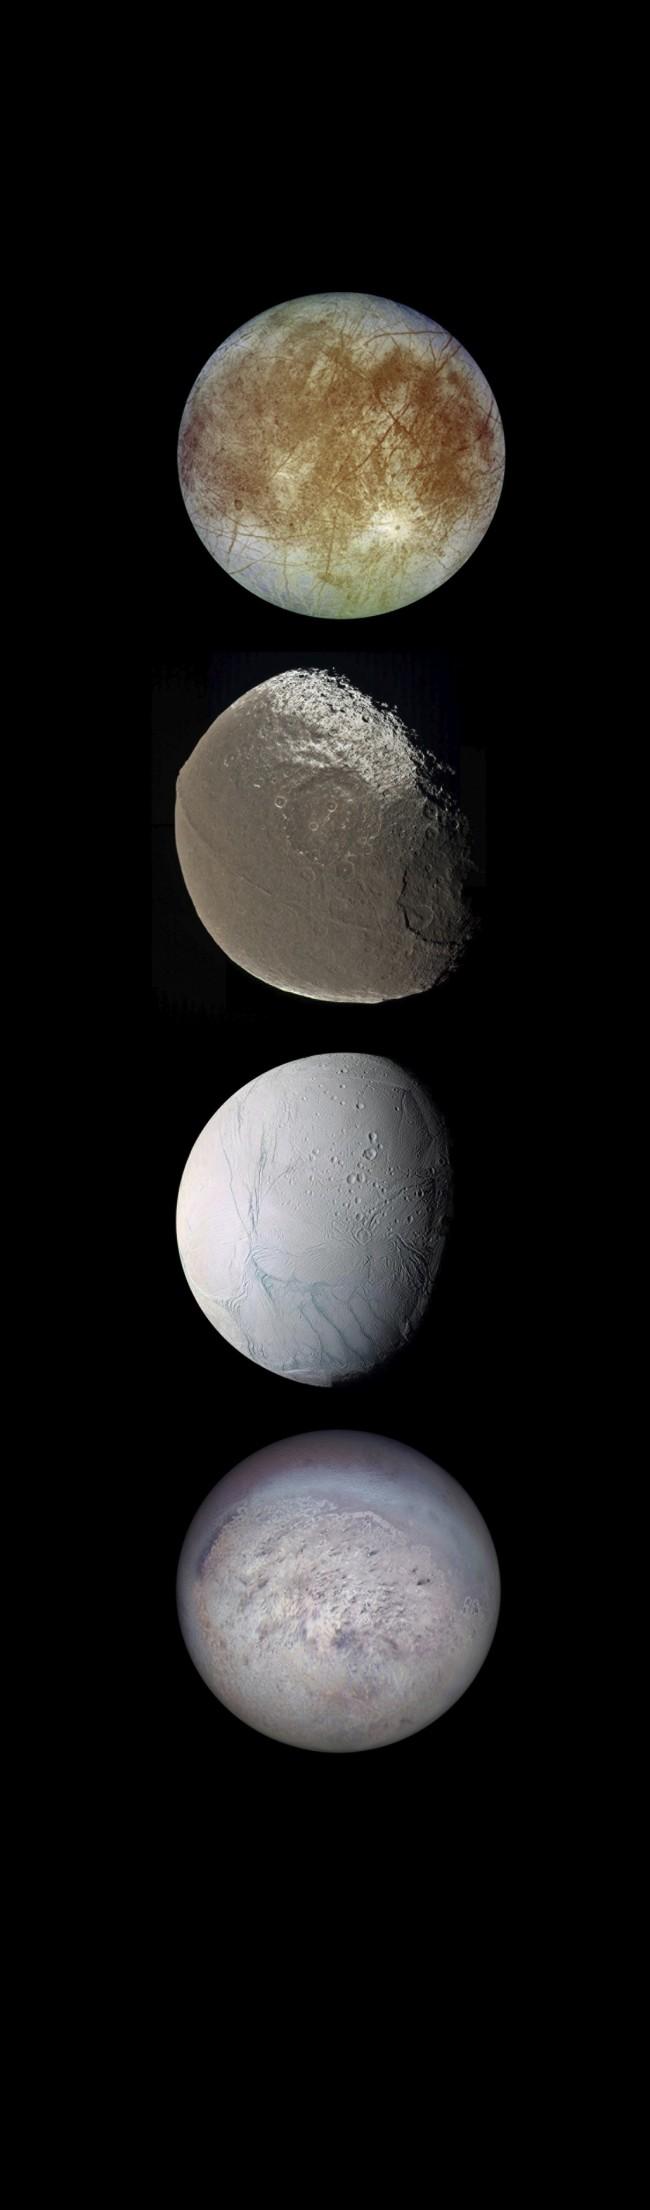 DSC-LA0719 05 Europa, Iapetus, Enceladus, Triton